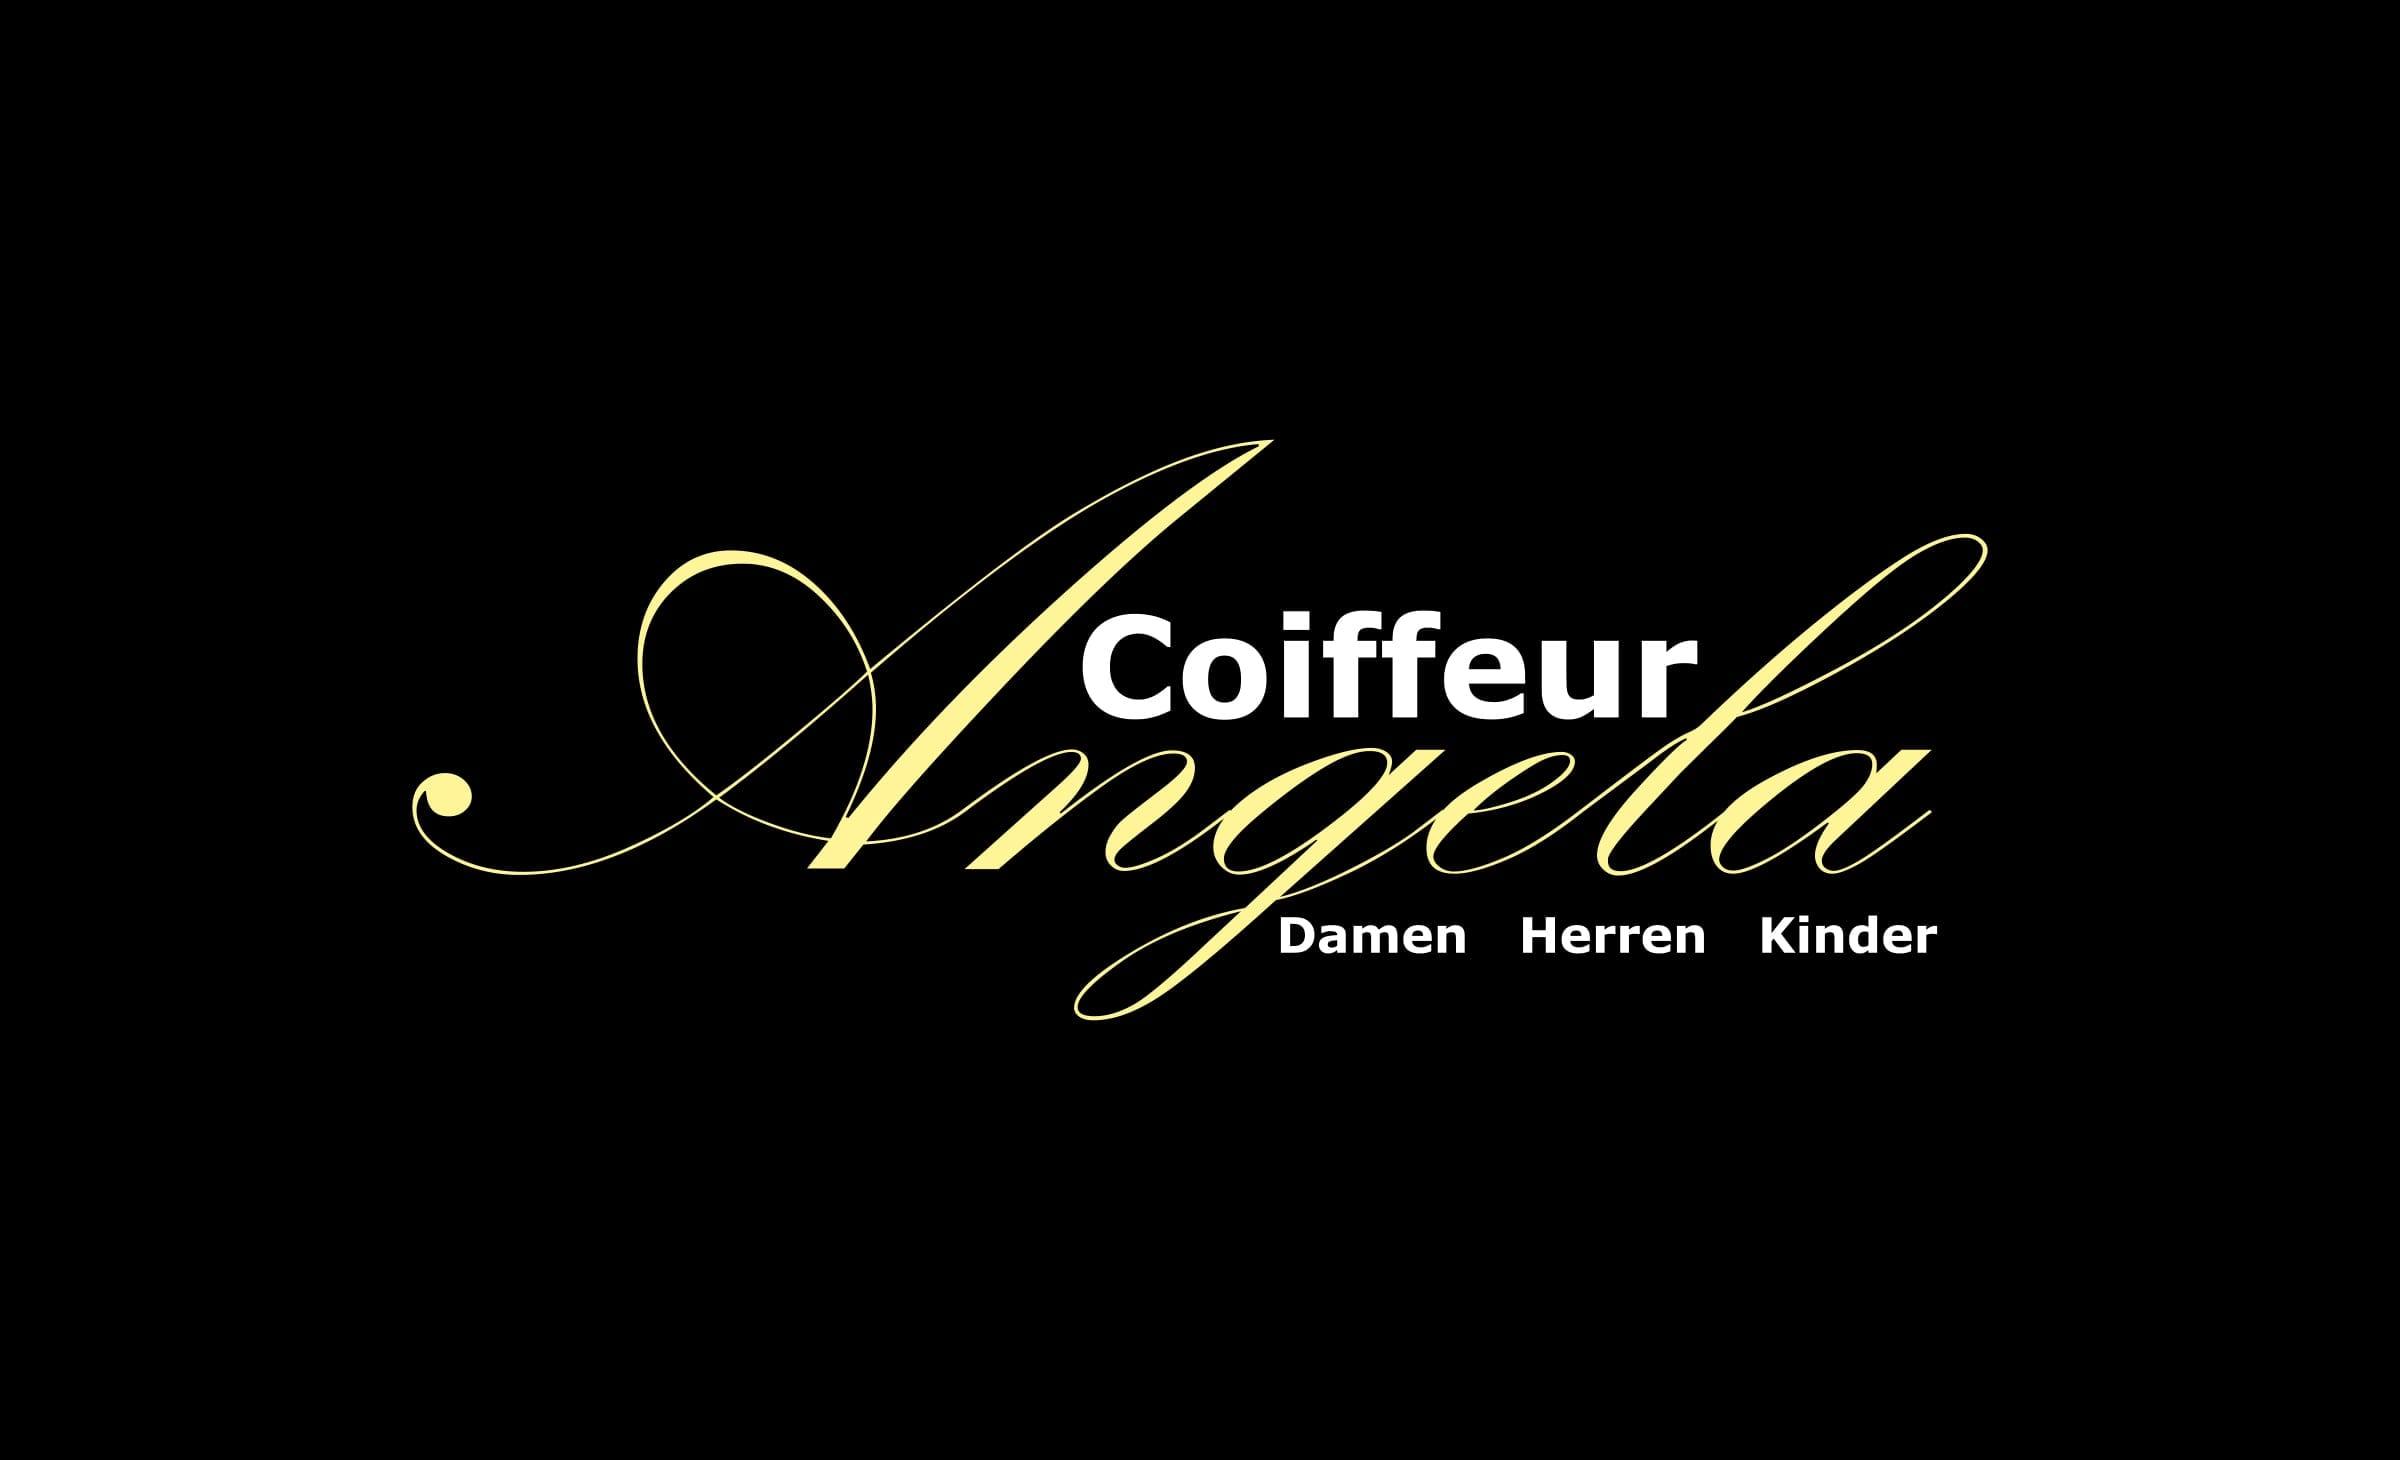 180grad_coiffeur_angela_logo